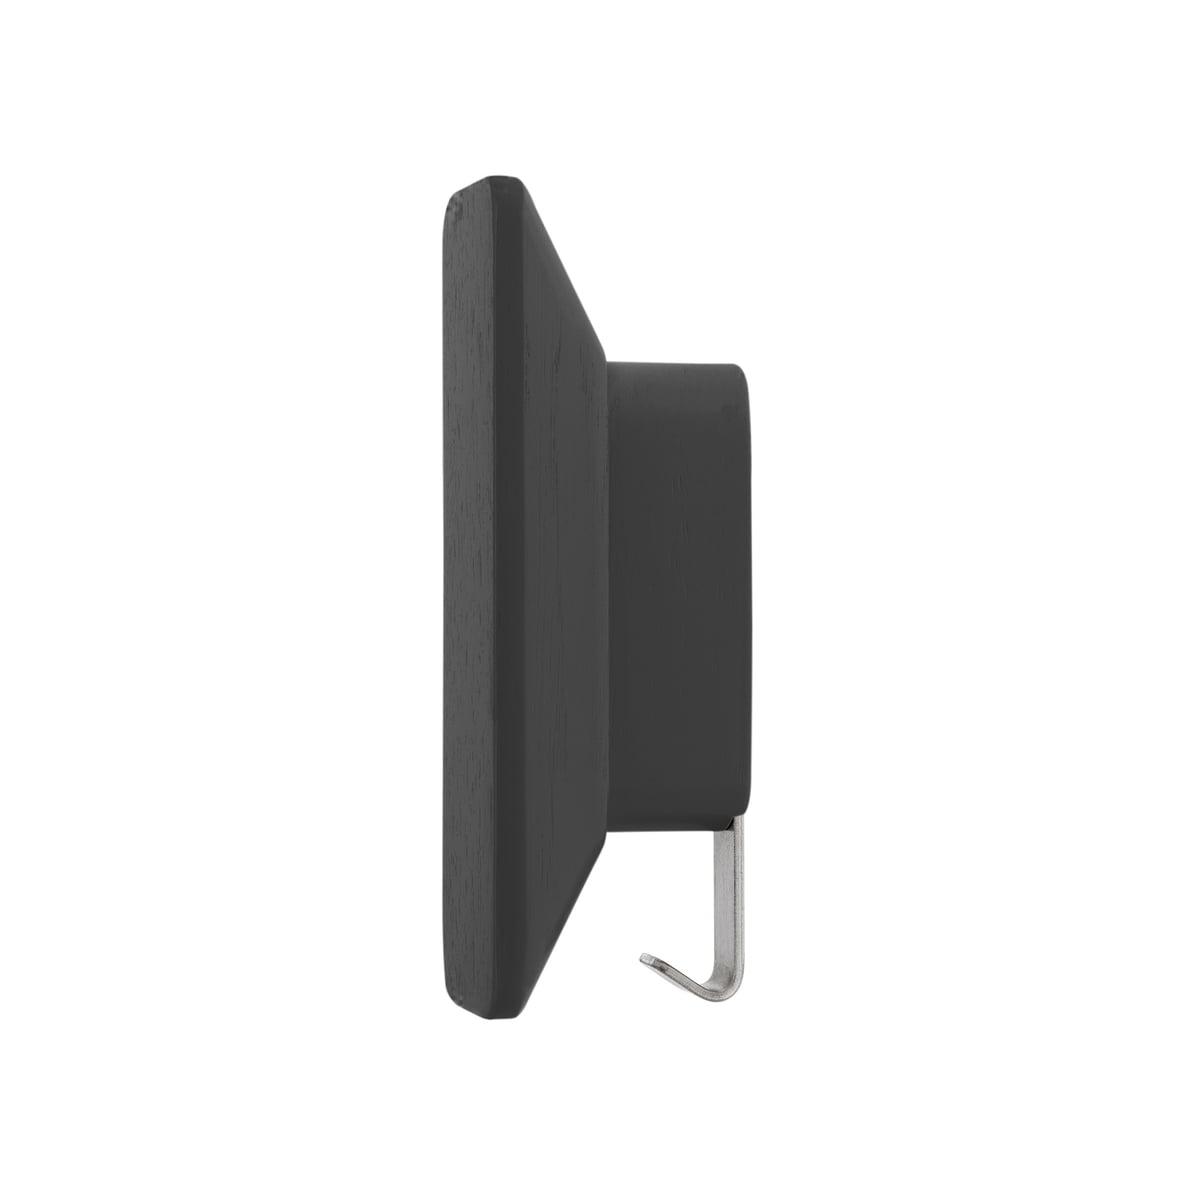 Schönbuch - 0380 Garderobenhaken, schieferschwarz | Flur & Diele > Garderoben > Garderobenhaken | Schwarz | Schönbuch